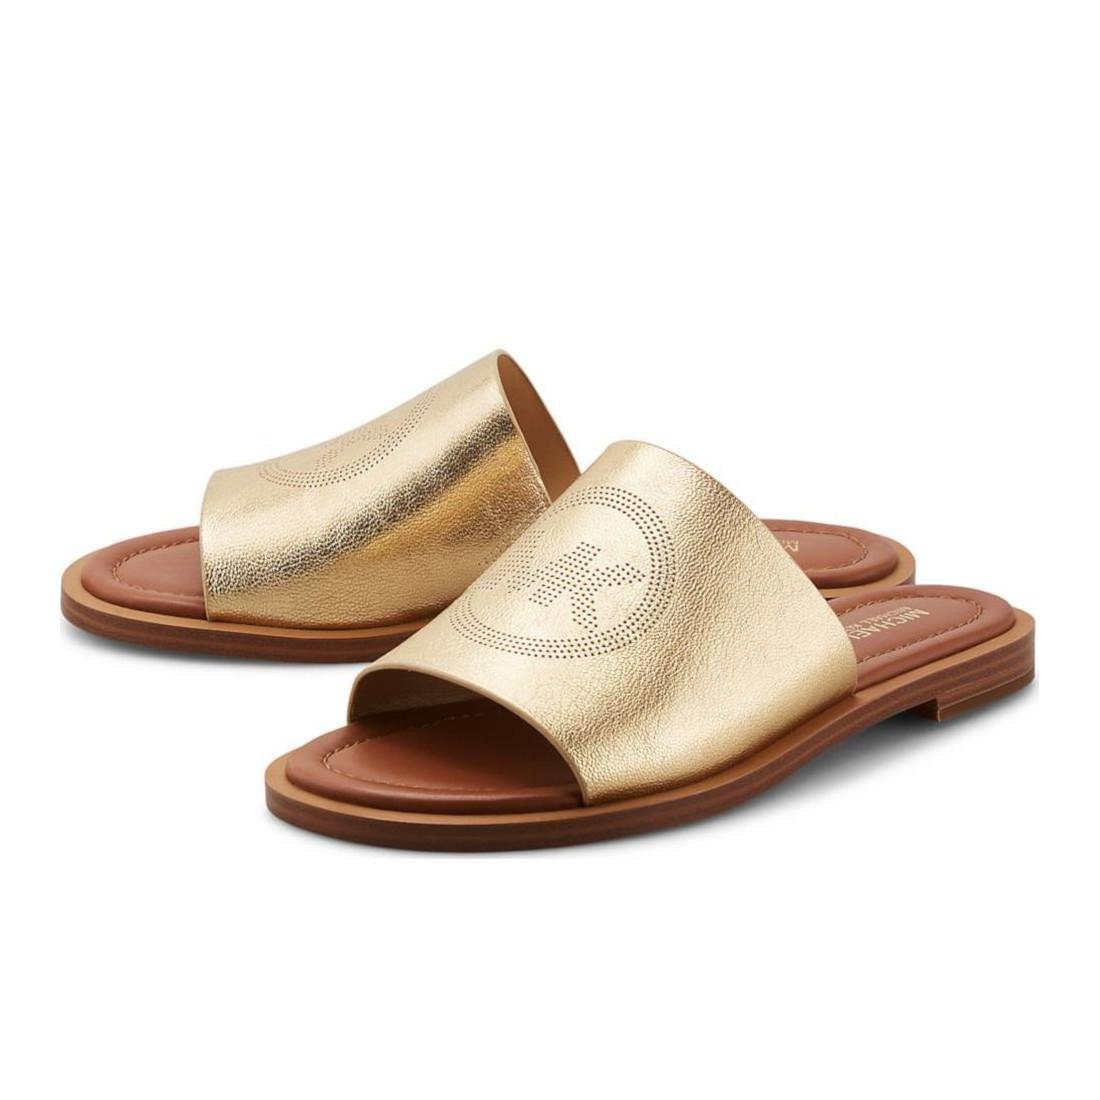 sandals woman michael kors 40s0lefp1m740 7376